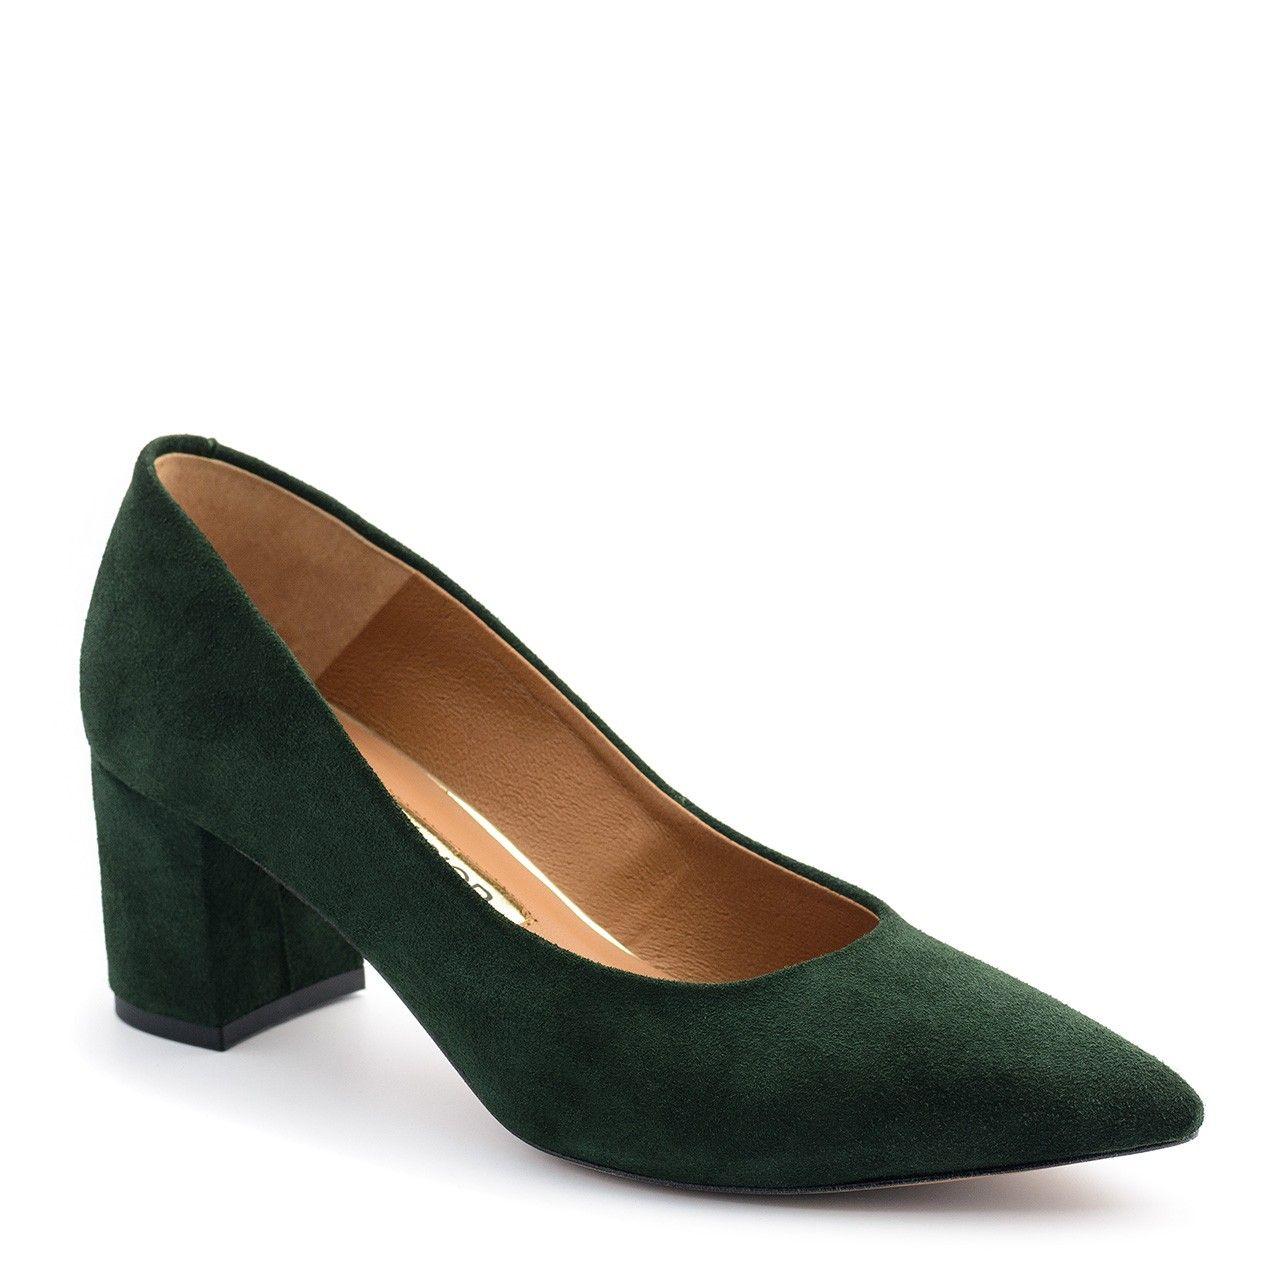 Zielone Zamszowe Czolenka Na Niskim Slupku 110c Nescior Sklep Firmowy Heels Shoes Heeled Mules